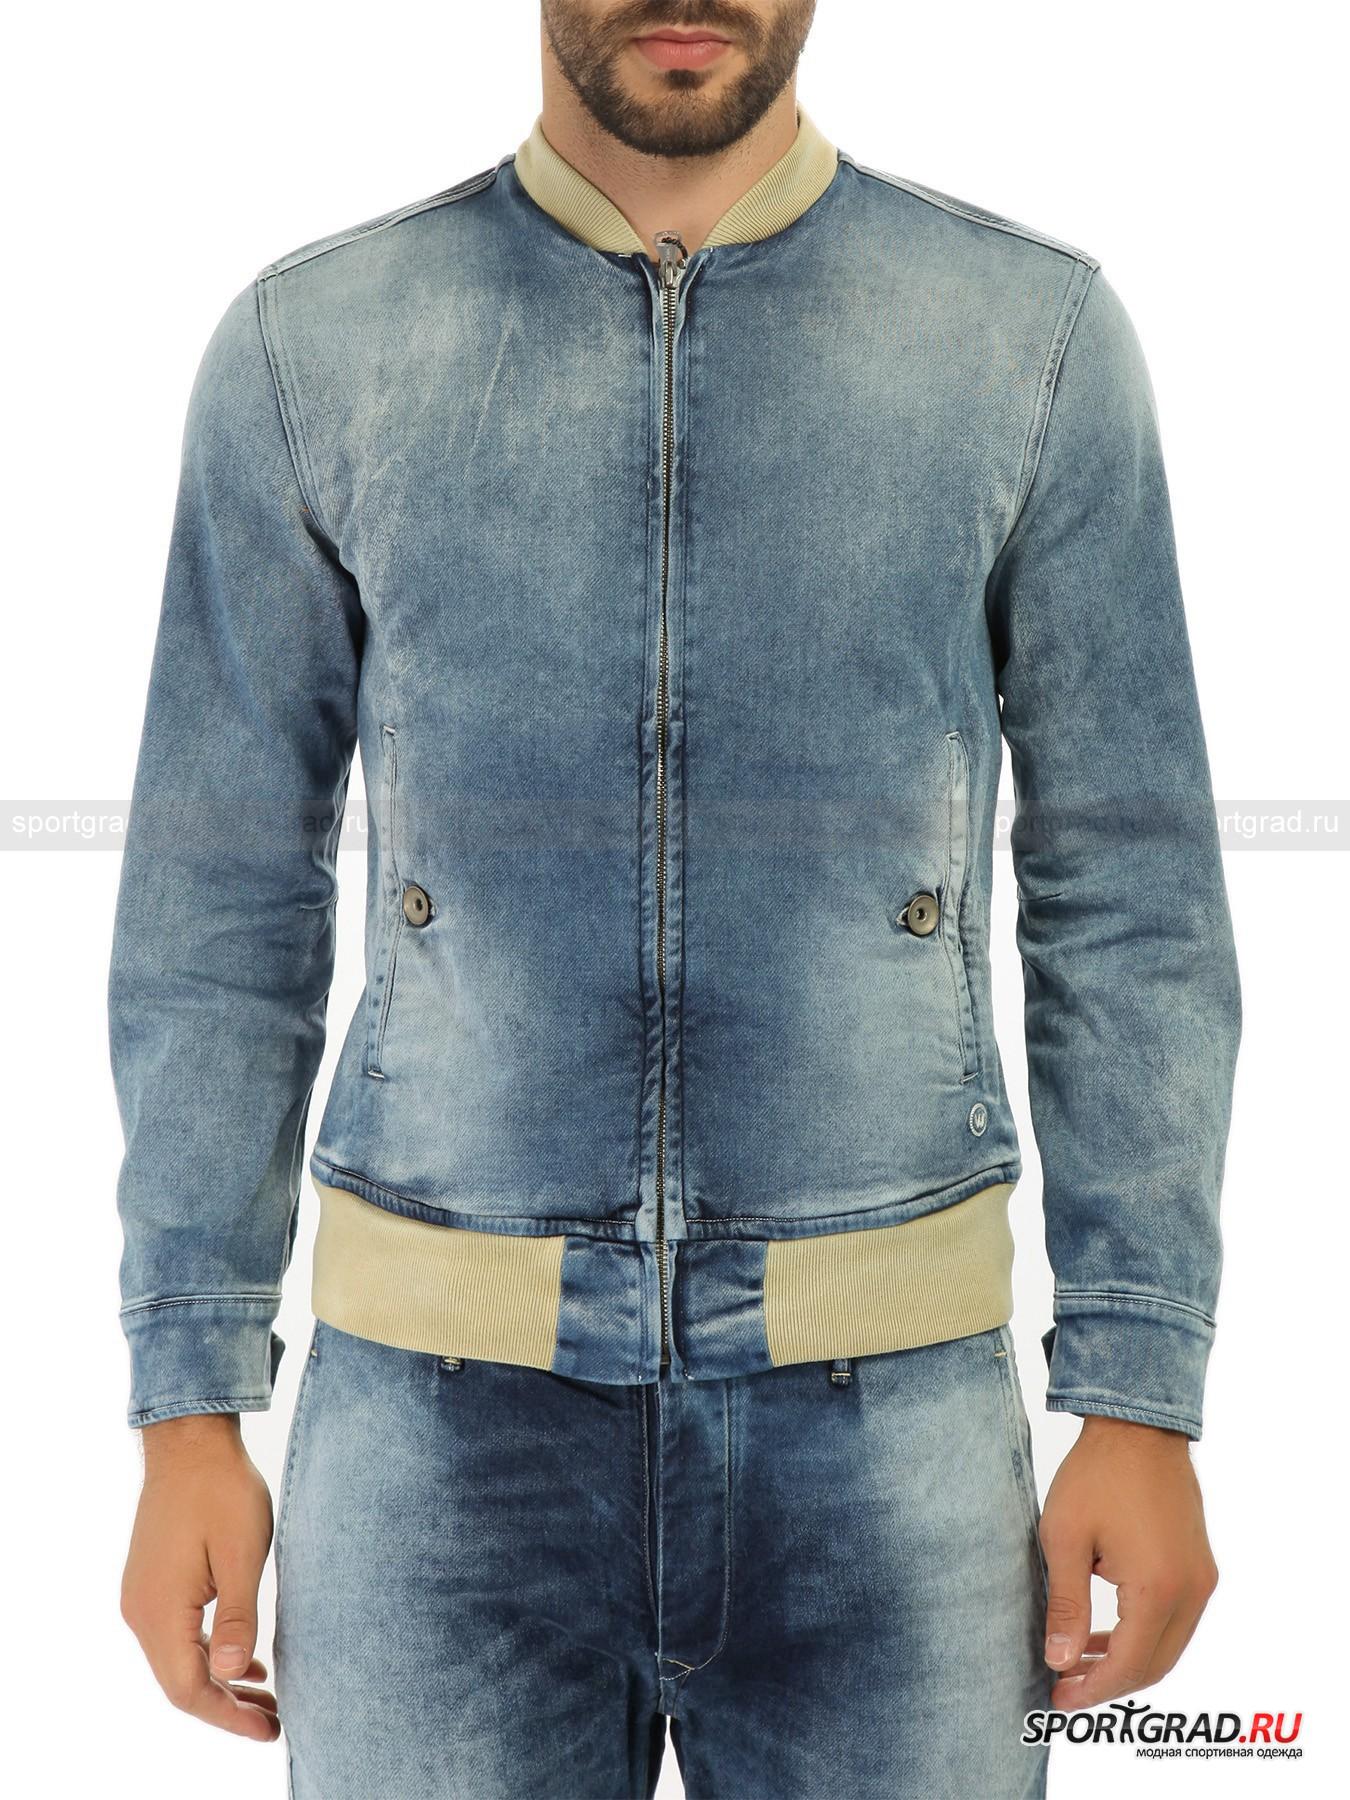 Куртка джинсовая WRIGHT`SВетровки<br>Джинсовый total look в этом сезоне вернулся в моду вместе с подзабытыми уже джинсовыми куртками. Многие марки представили свои версии этой вещи, и здесь вы видите вариант от итальянского бренда Wright's.<br>Как и все вещи Wright's, куртка выглядит потертой и будто бы ношеной. Деним тонкий и очень мягкий, не царапающий кожу.<br><br>Другие особенности модели:<br>- трикотажный пояс и воротник;<br>- два кармана на пуговицах;<br>- манжеты на пуговицах;<br>- фронтальная молния.<br><br>Пол: Мужской<br>Возраст: Взрослый<br>Тип: Ветровки<br>Рекомендации по уходу: стирка при температуре до 30 С; не отбеливать; гладить при температуре до 110 С; сухая химическая чистка; нельзя сушить в стиральной машине<br>Состав: 99% хлопок, 1% полиуретан